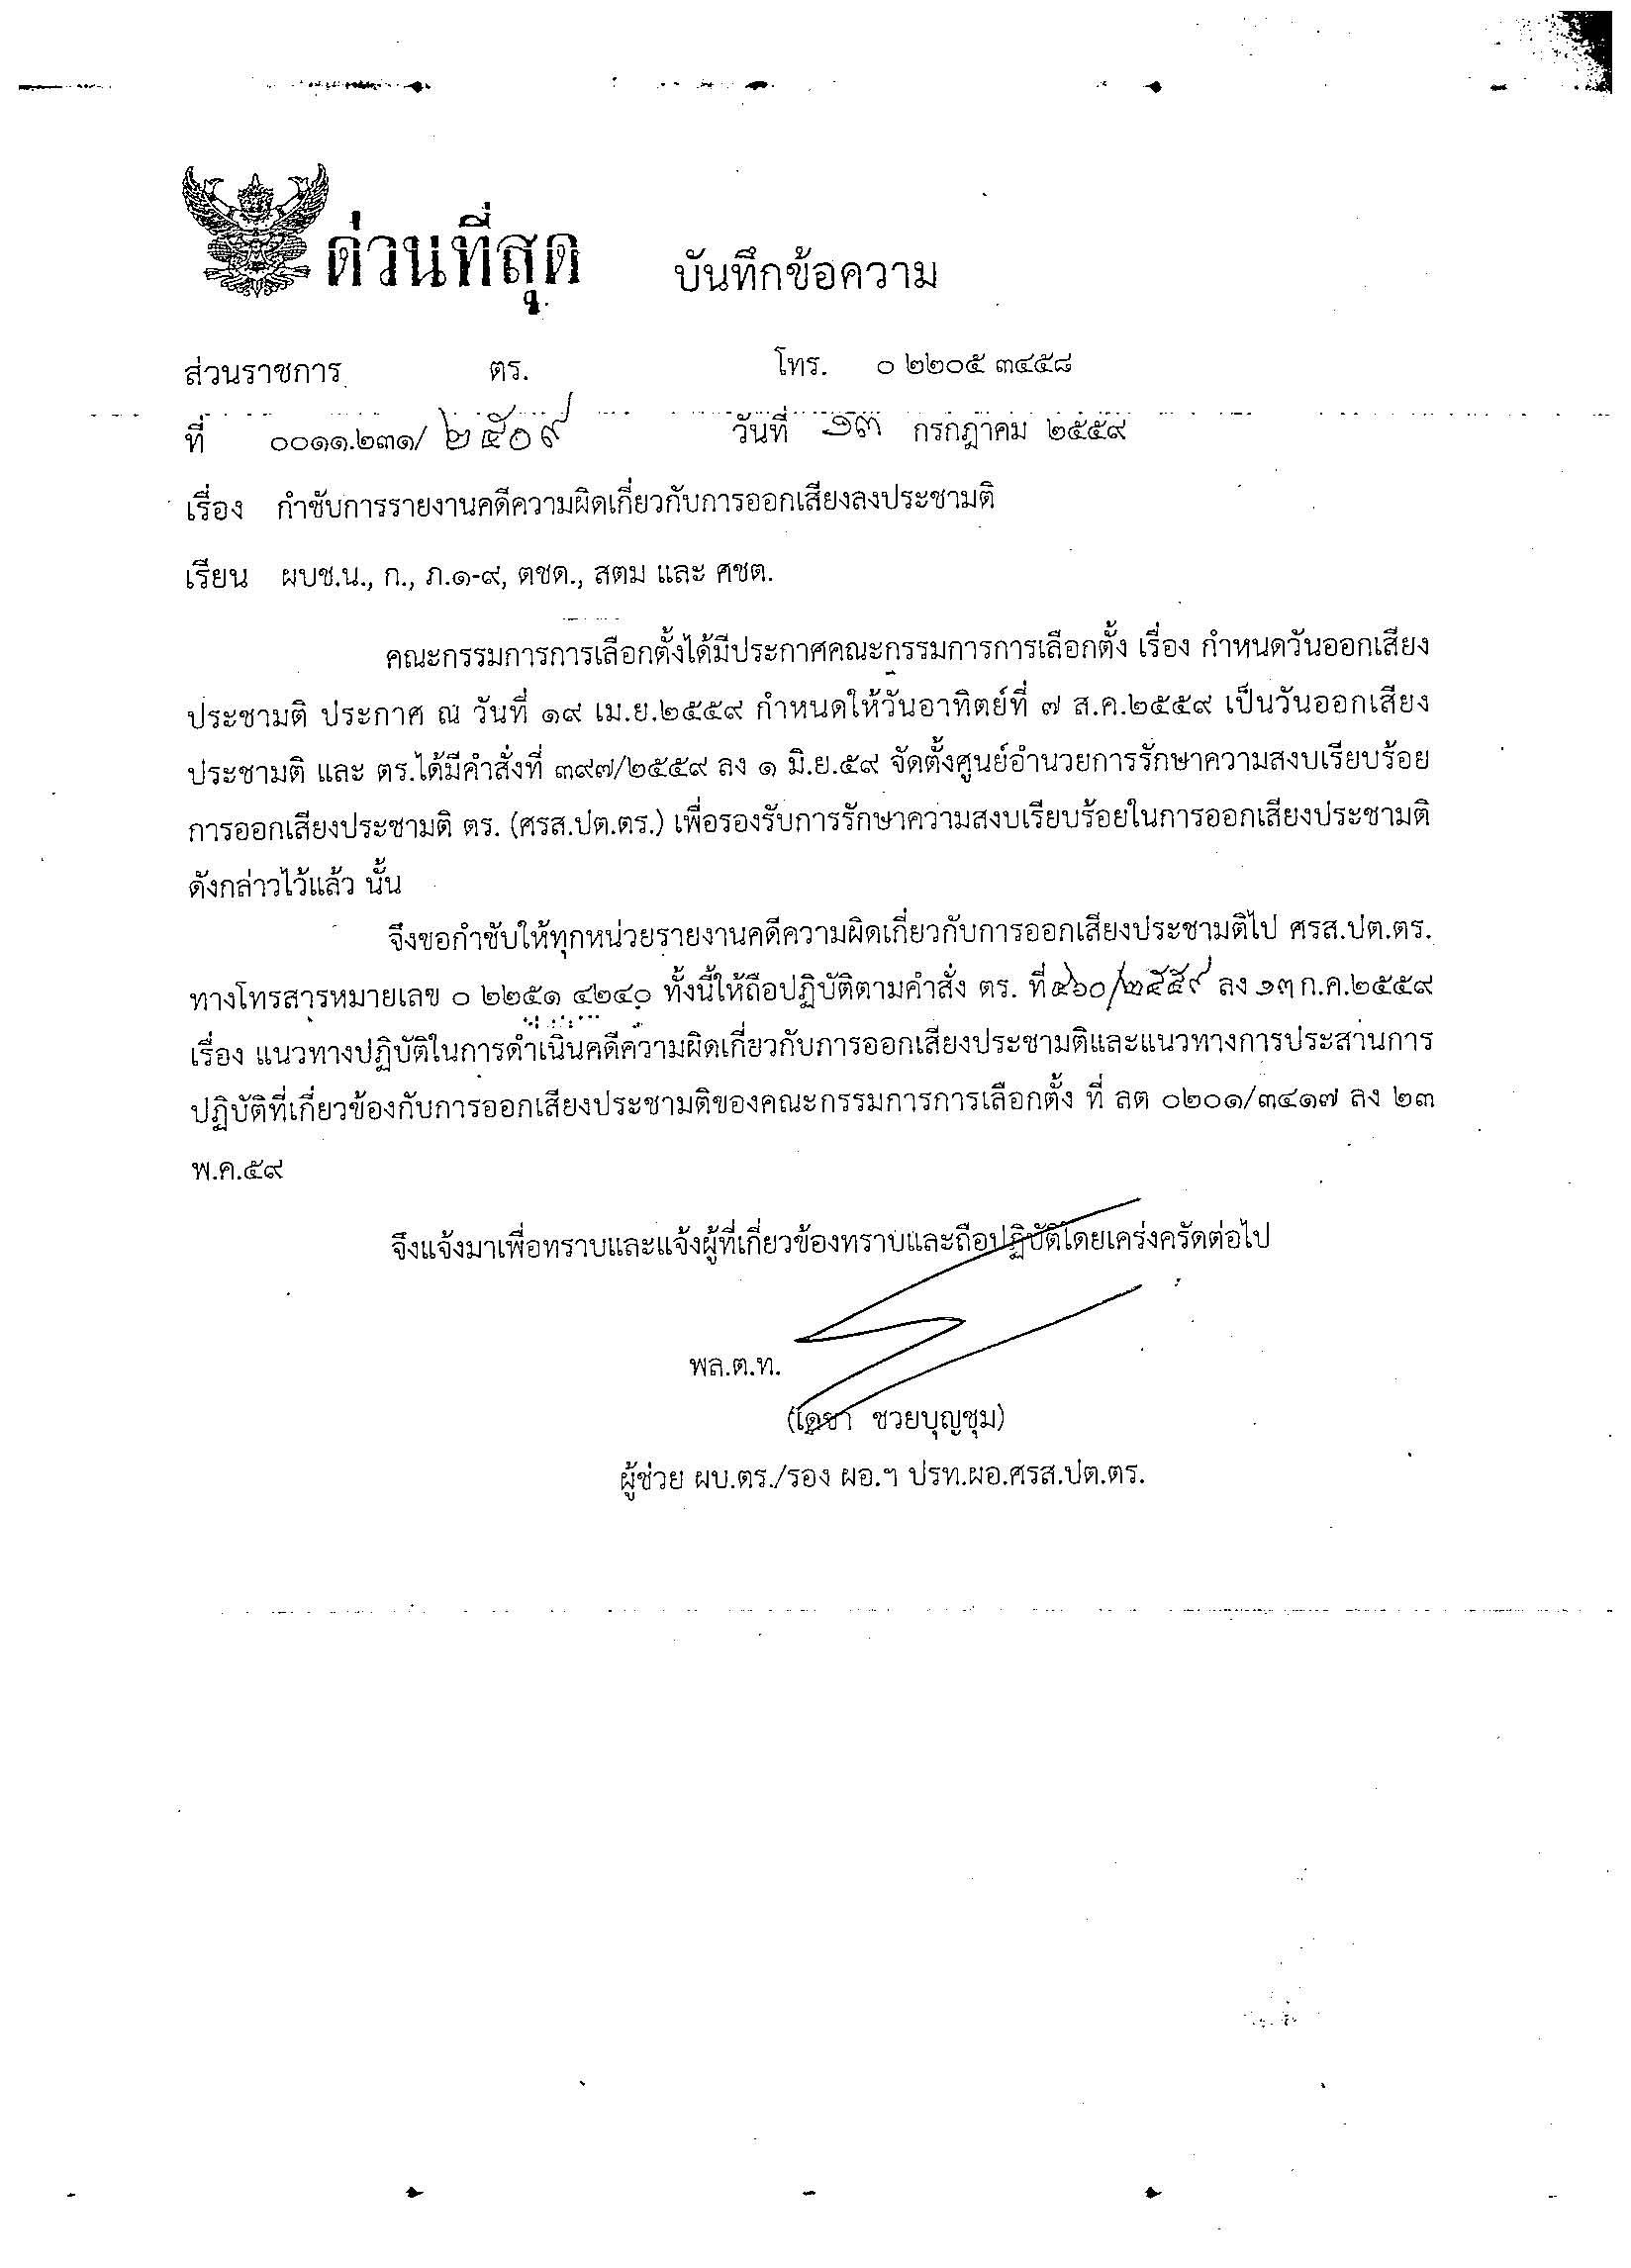 แนวทางปฏิบัติในการดำเนินคดีความผิดเกี่ยวกับการออกเสียงประชามติ_Page_1